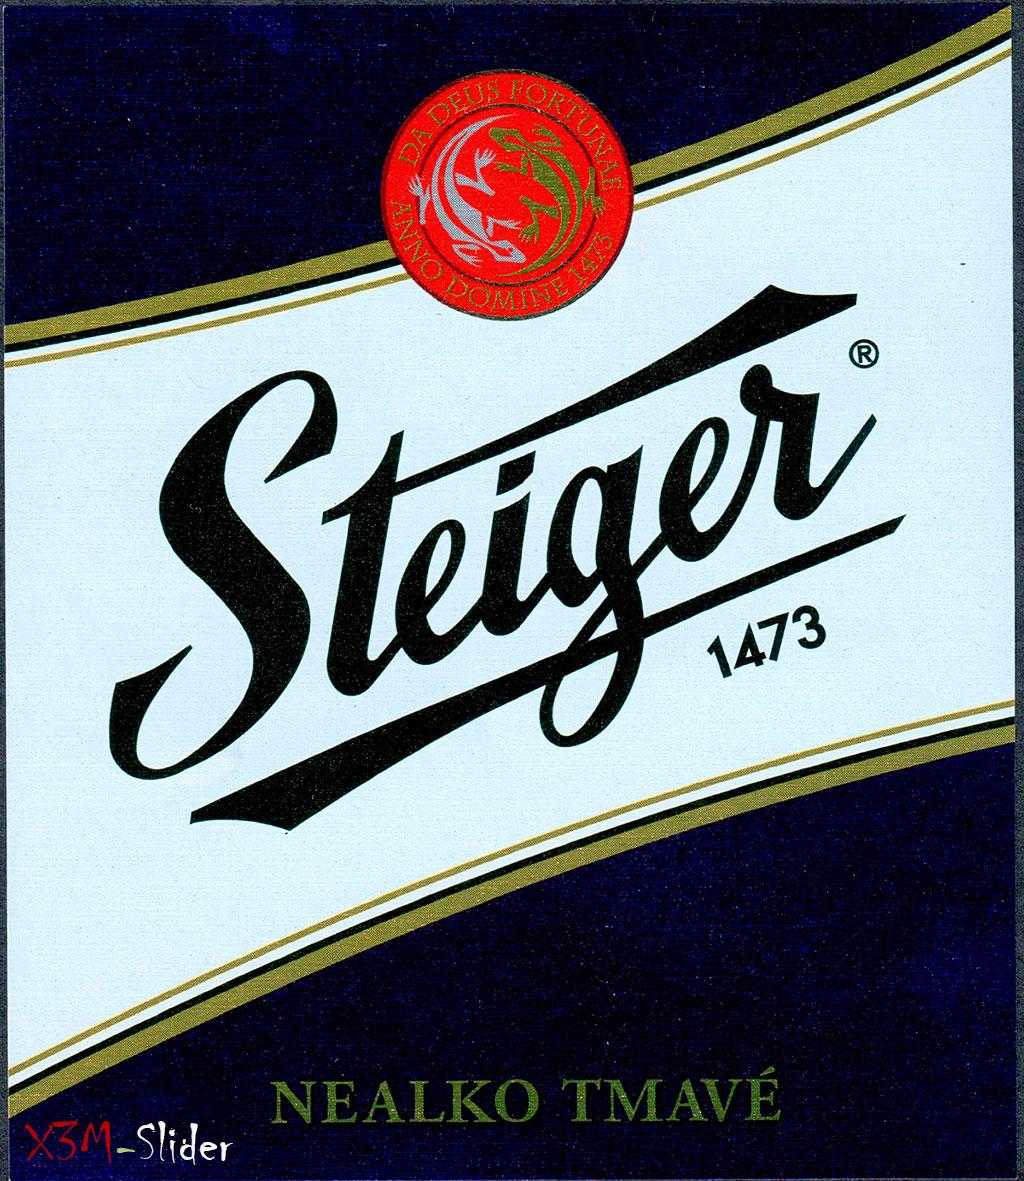 Steiger - Nealko Tmave